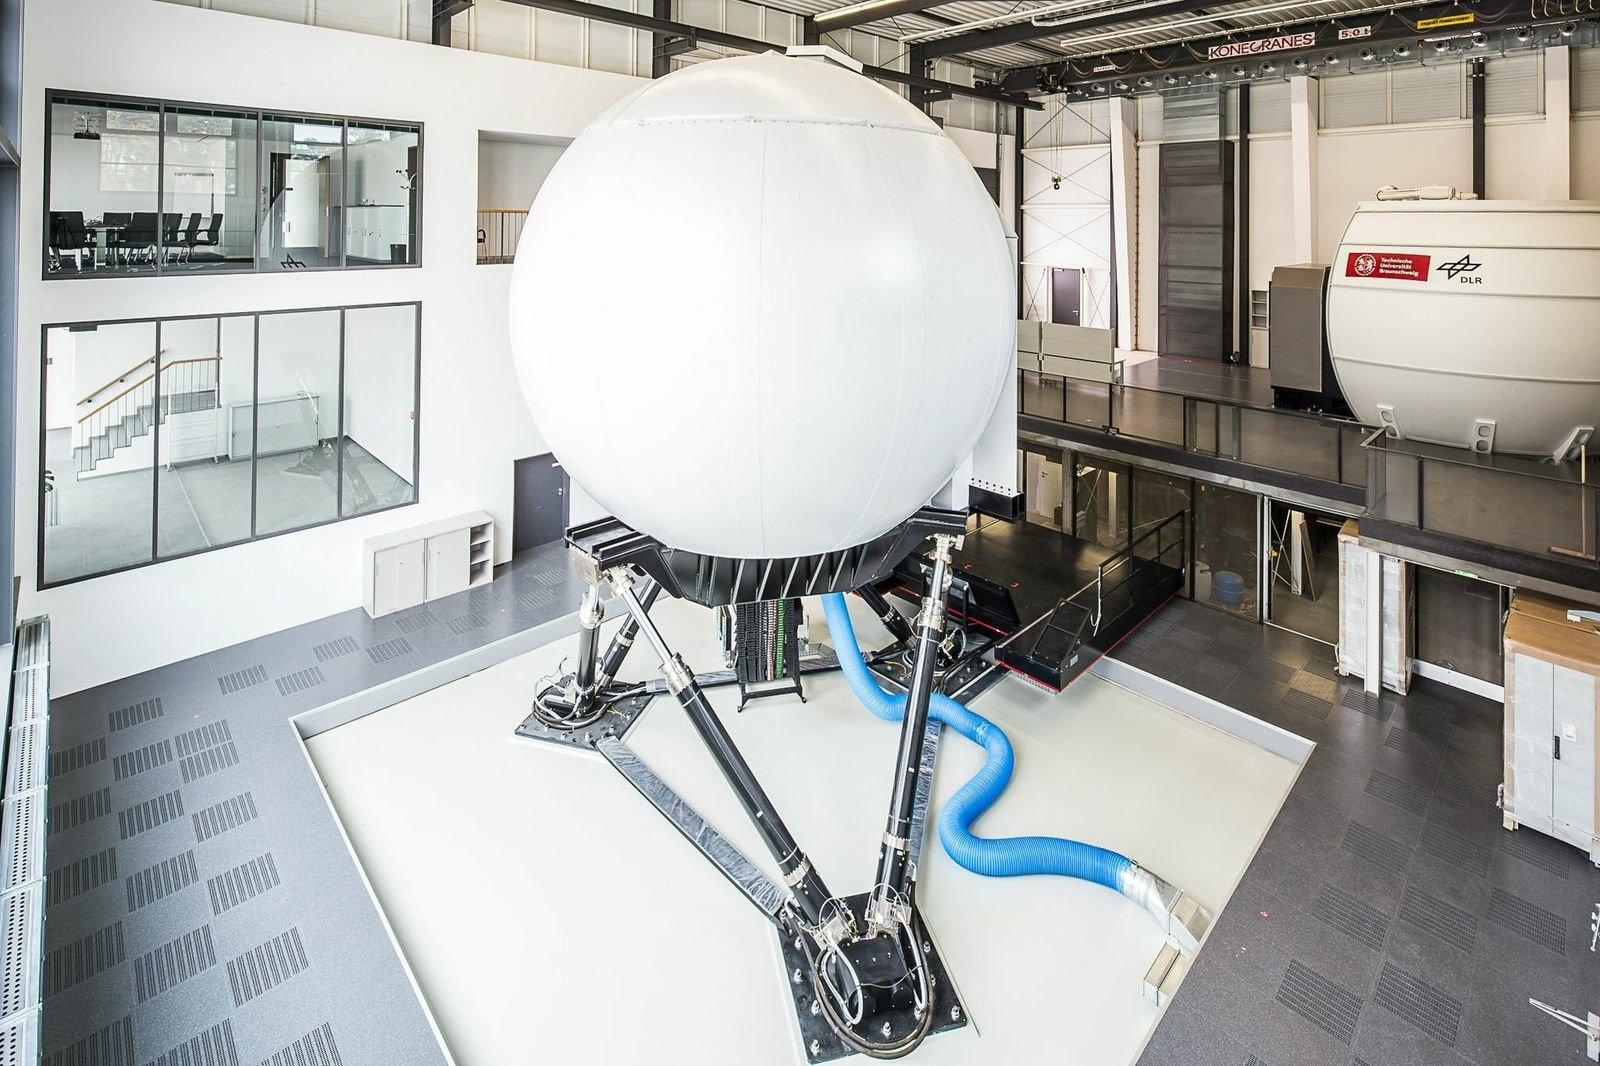 Der dynamische Simulator mit immerhin 14 Tonnen Traglast kann Bewegungsabläufe etwa bei Landestößen, Turbulenzen und Scherwinden realitätsnah wiedergeben.